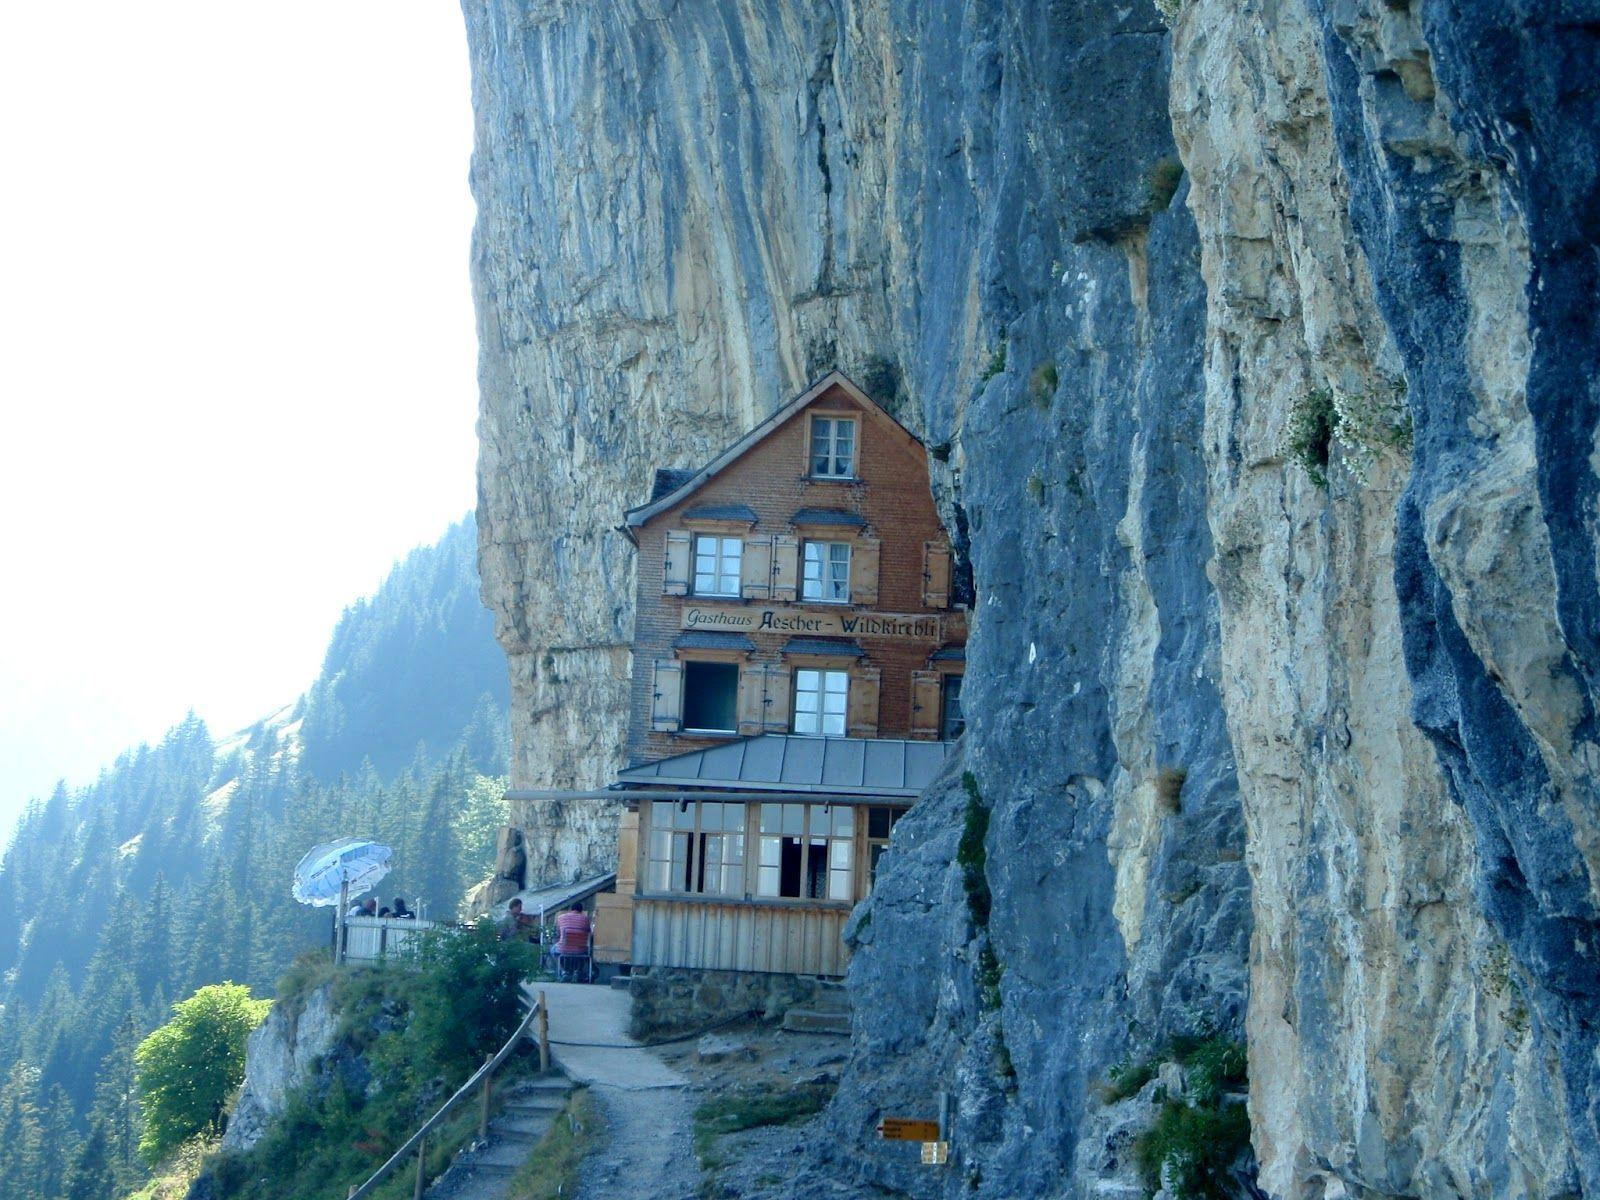 Aescher Hotel in Appenzellerland, Swiss